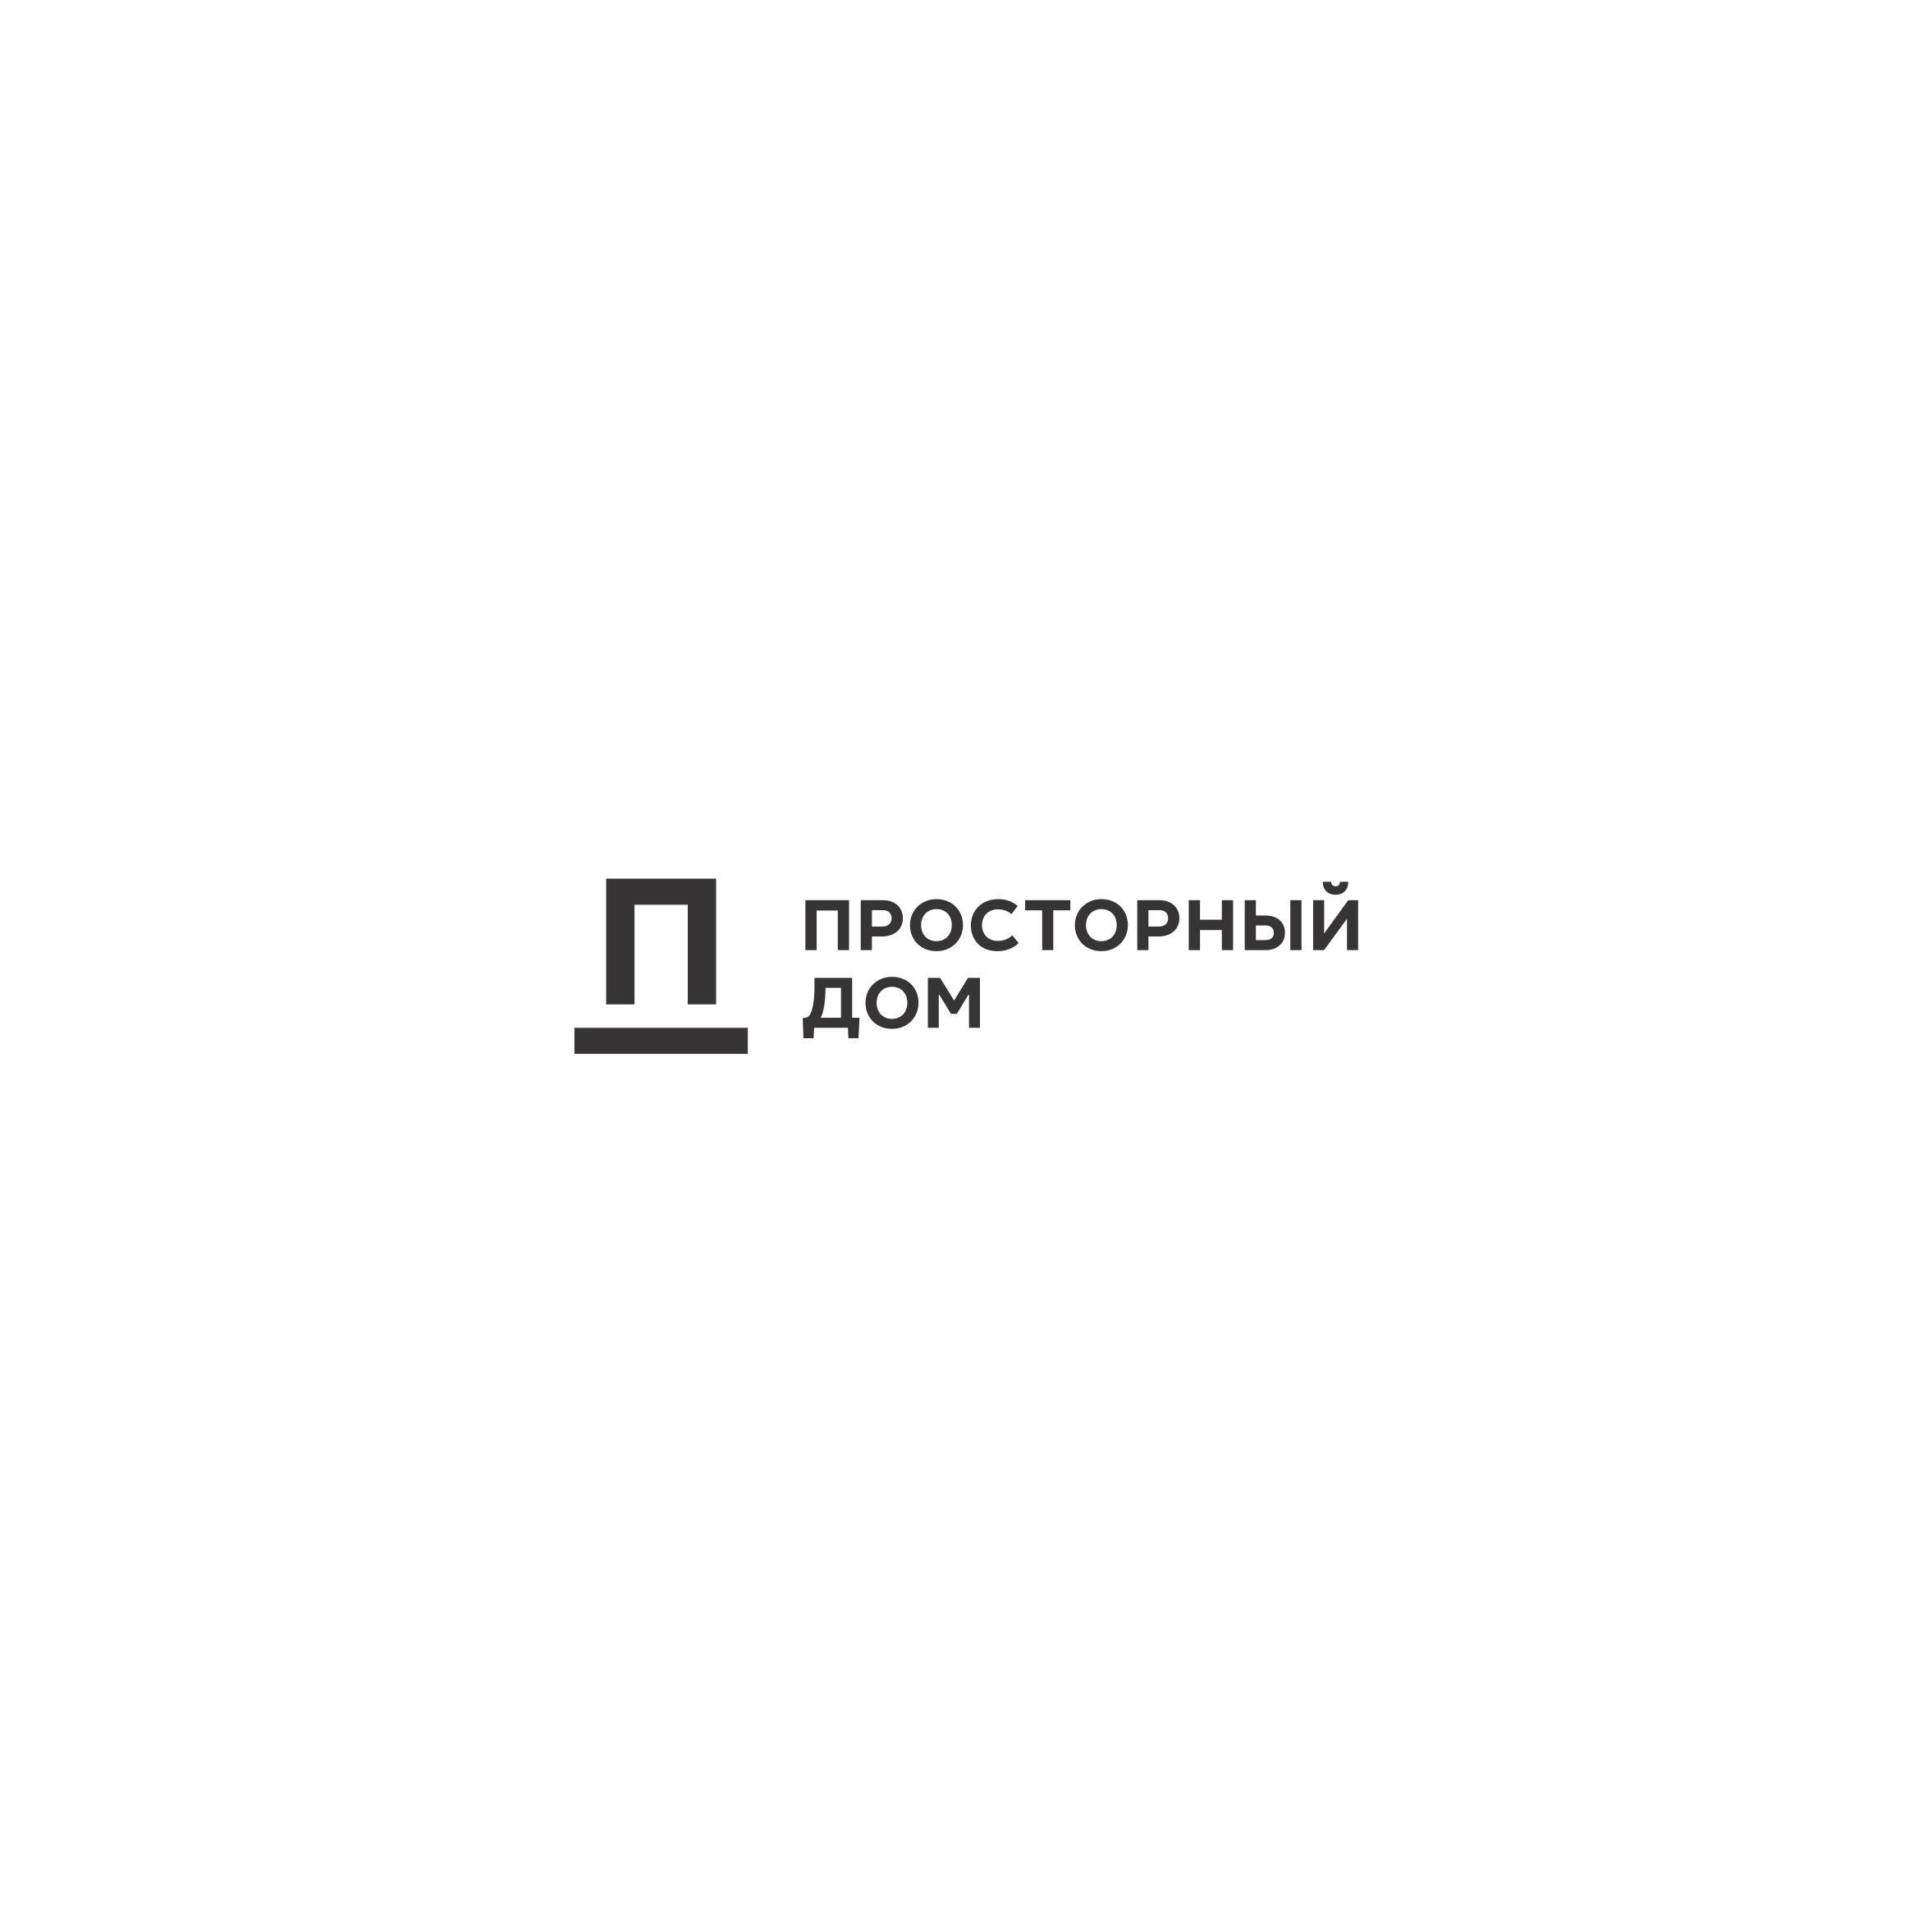 Логотип и фирменный стиль для компании по шкафам-купе фото f_0095b6af9e8c53bc.png